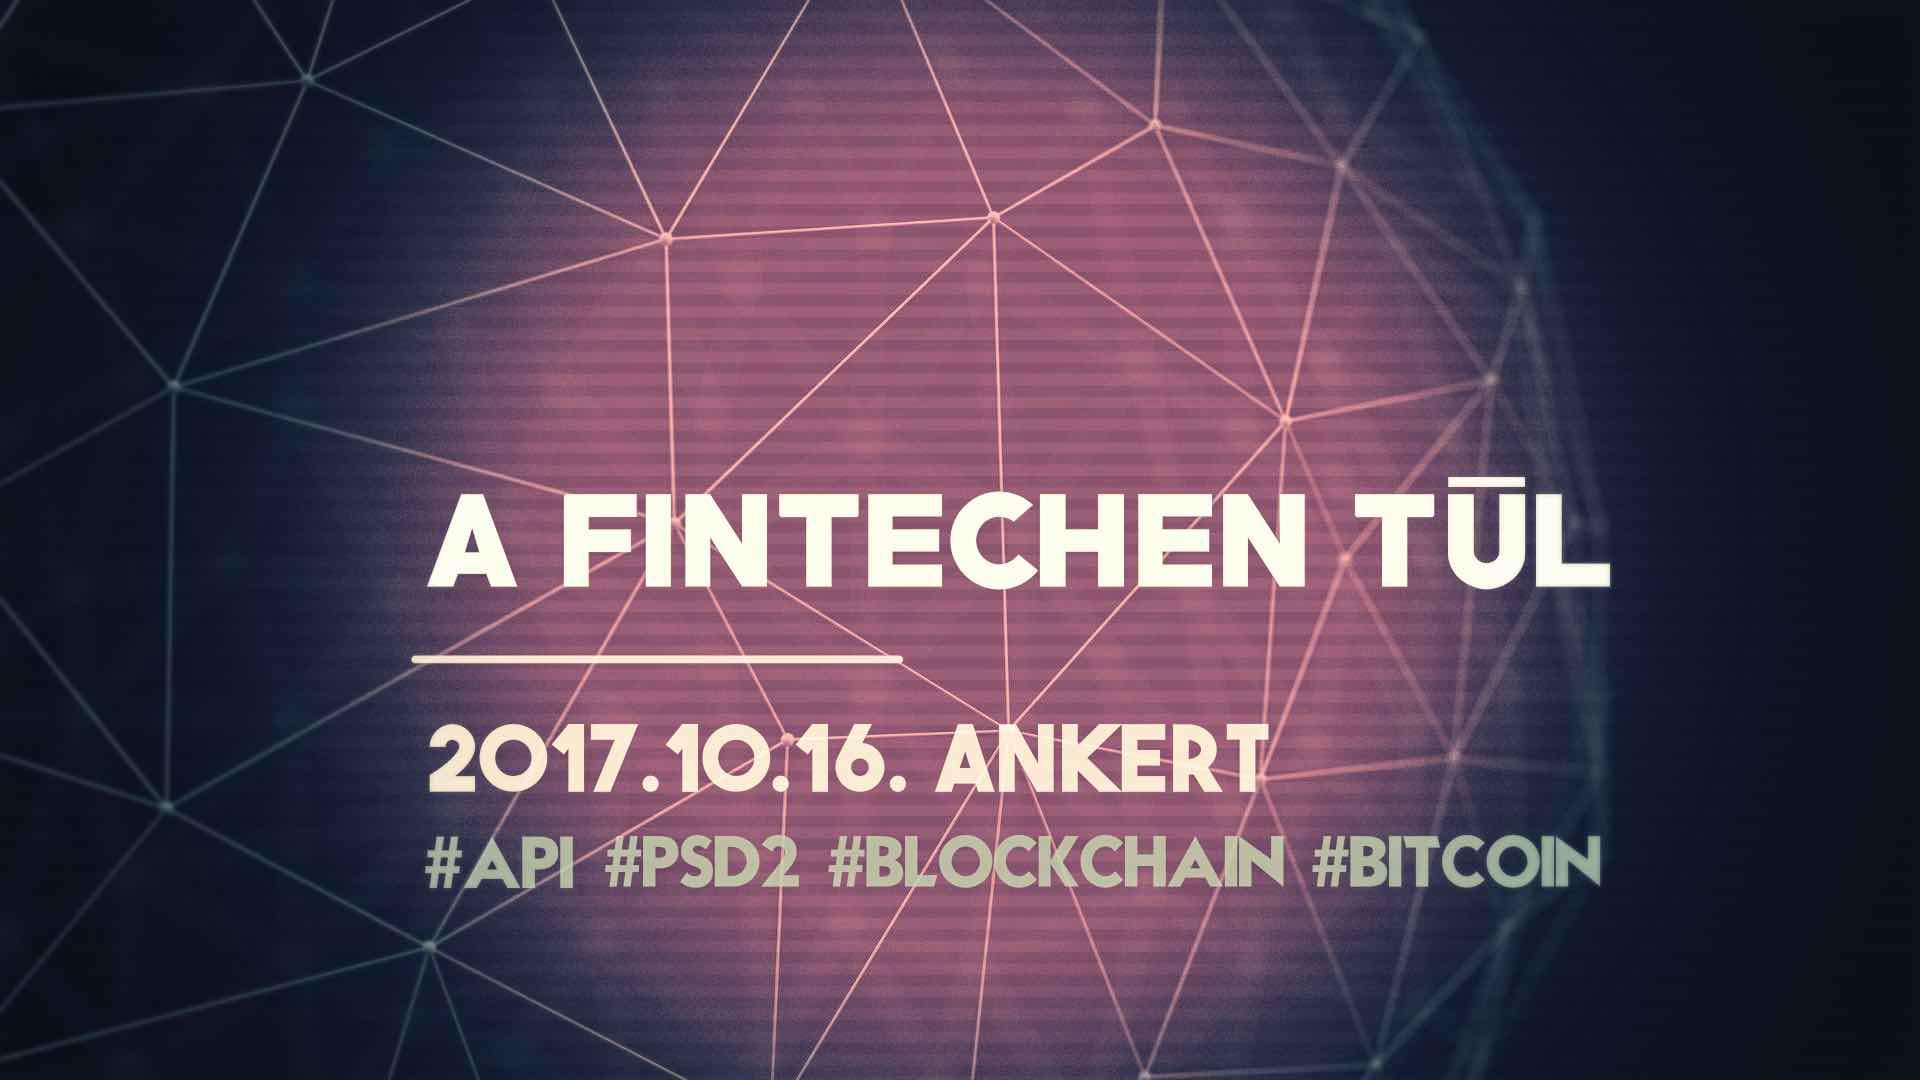 A fintech világán túl API PSD2 blockchain bitcoin